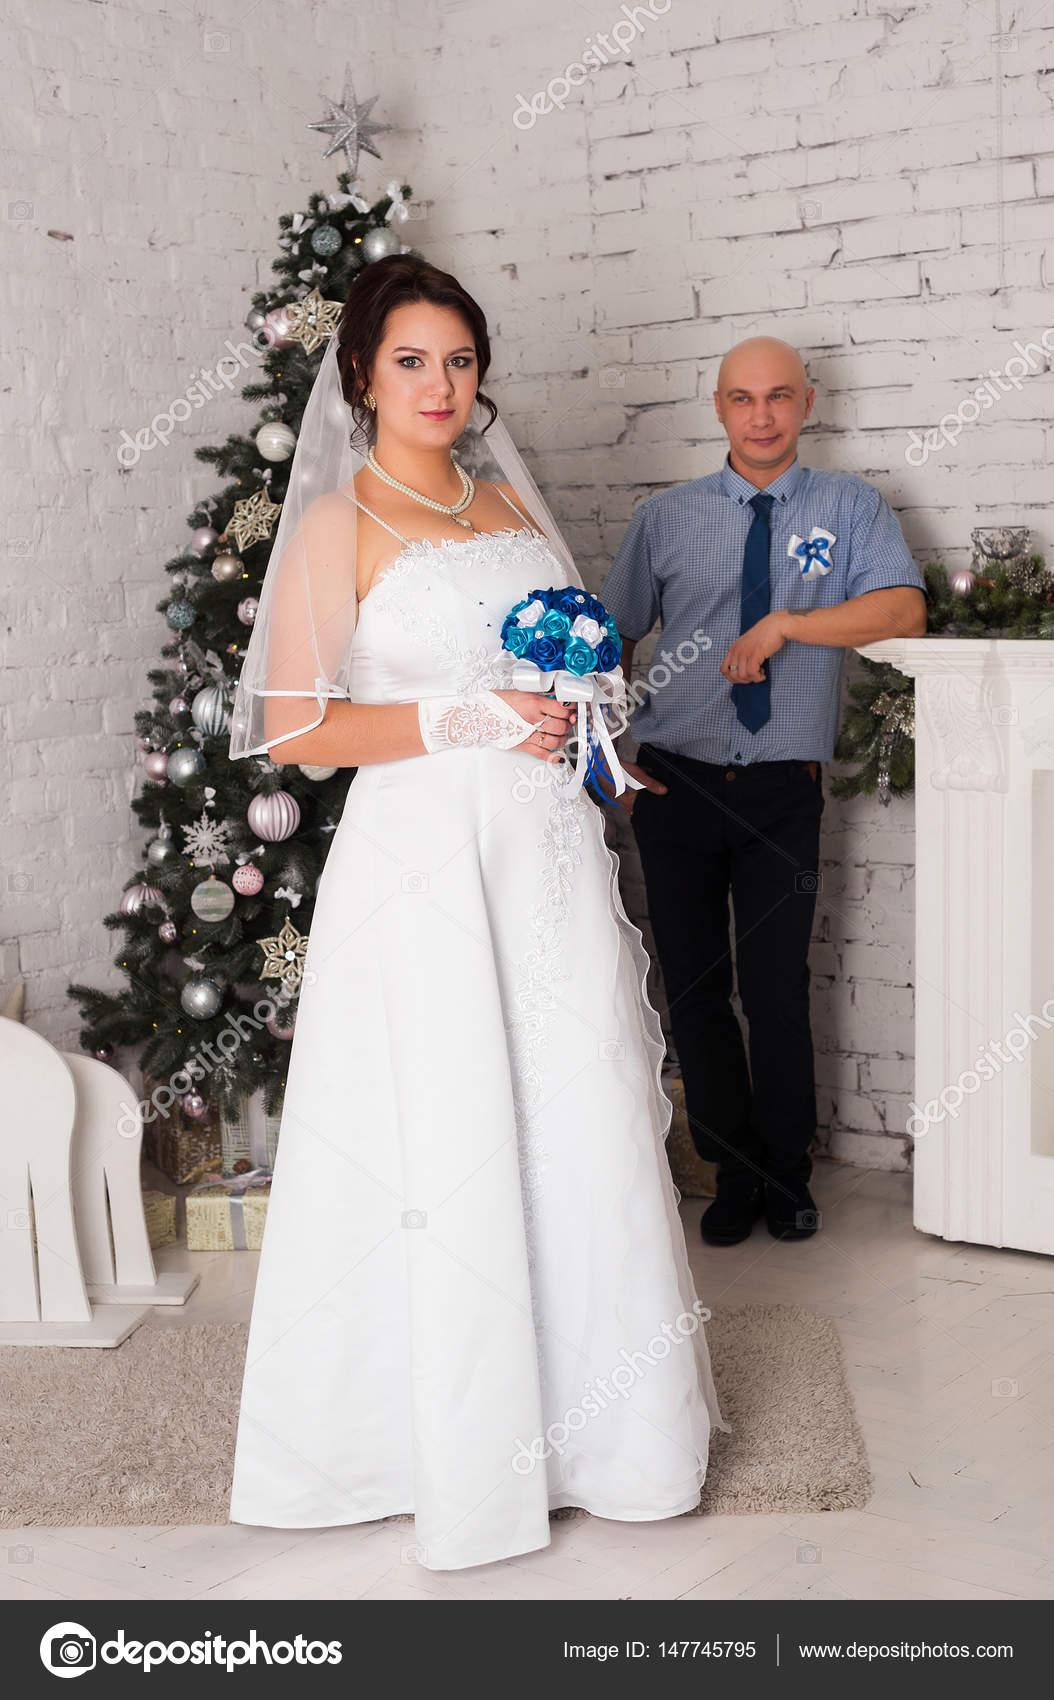 Foto Pareja Casandose Joven Pareja Casándose Y Jugando Una Boda